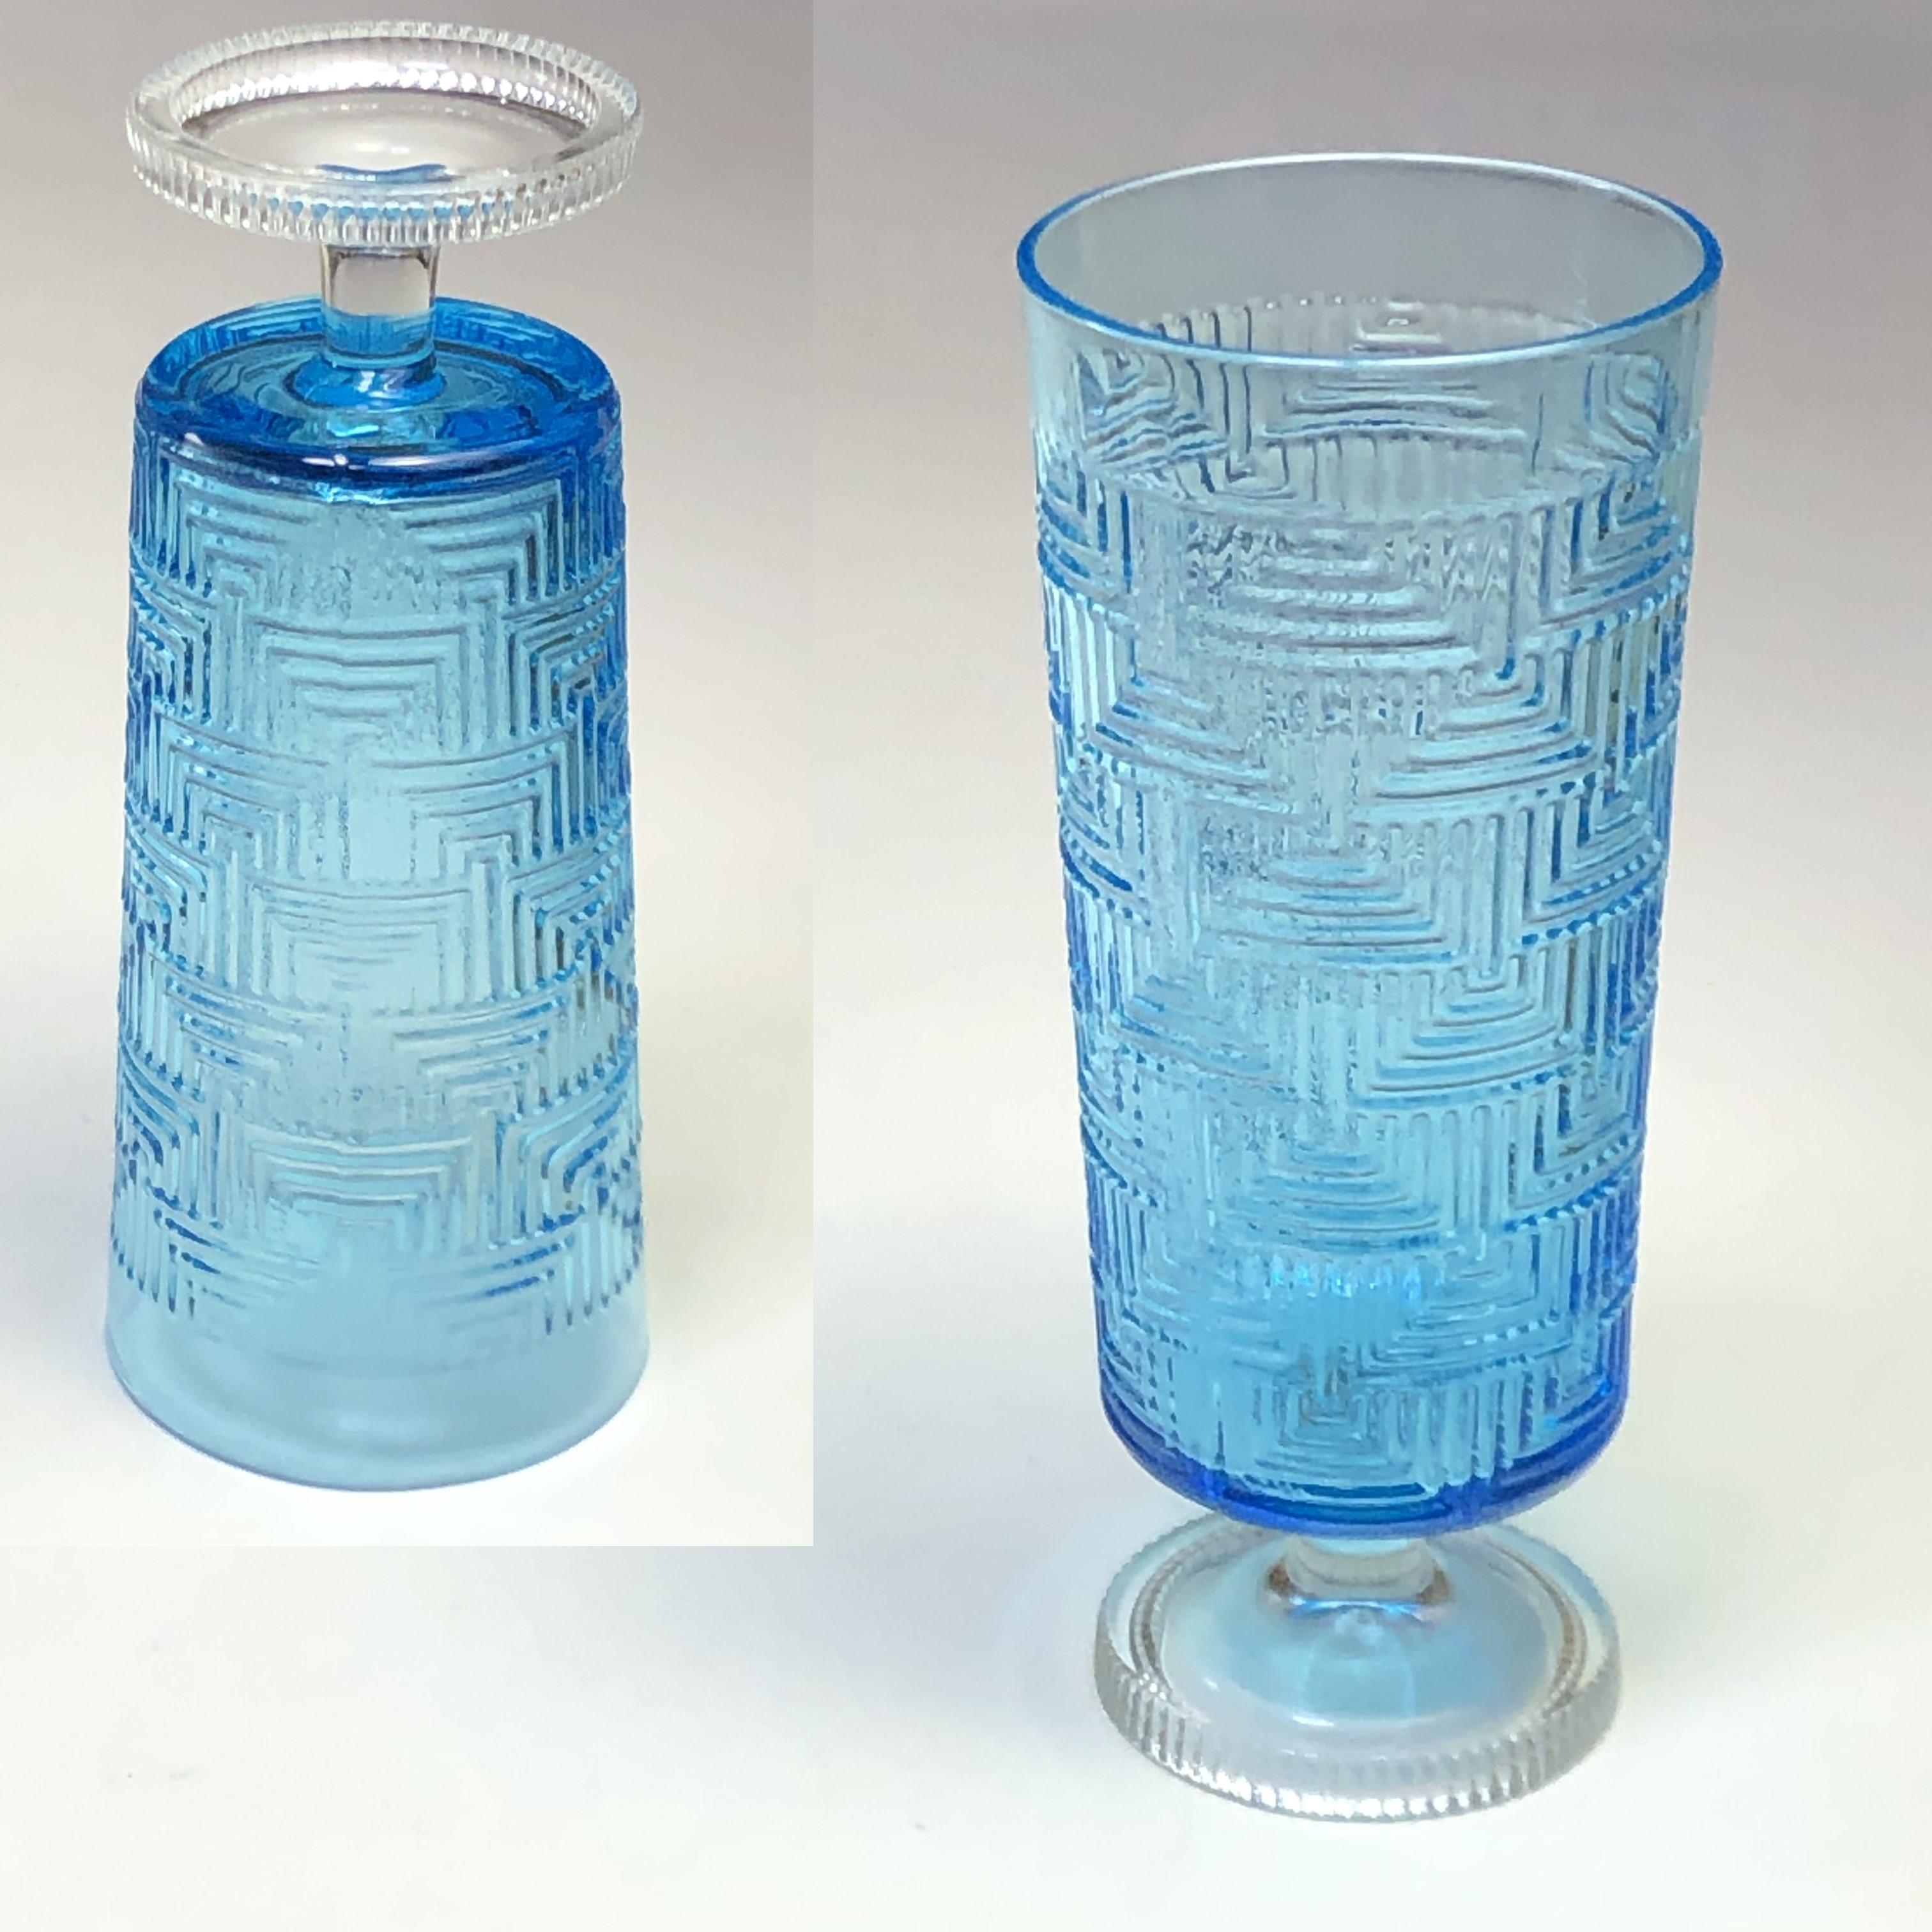 ステム型青ガラスコップR6991